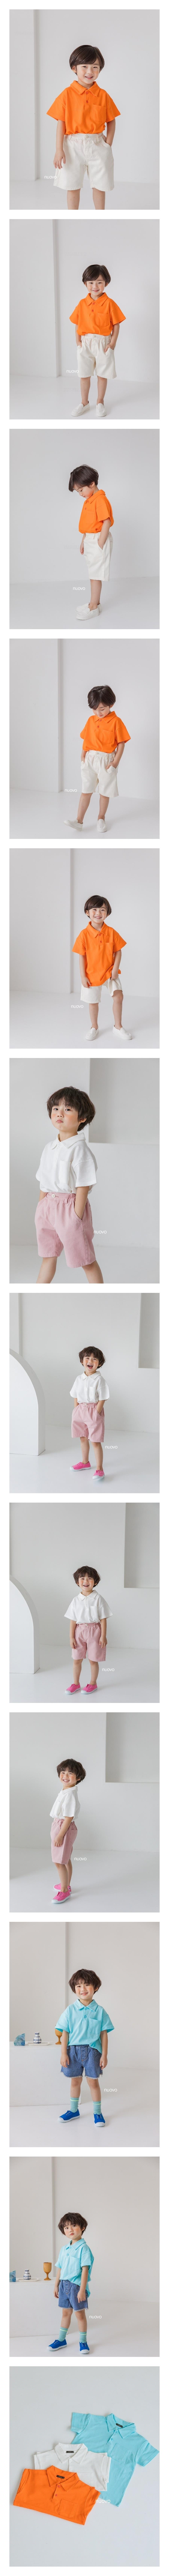 NUOVO - Korean Children Fashion - #Kfashion4kids - Collar Tee